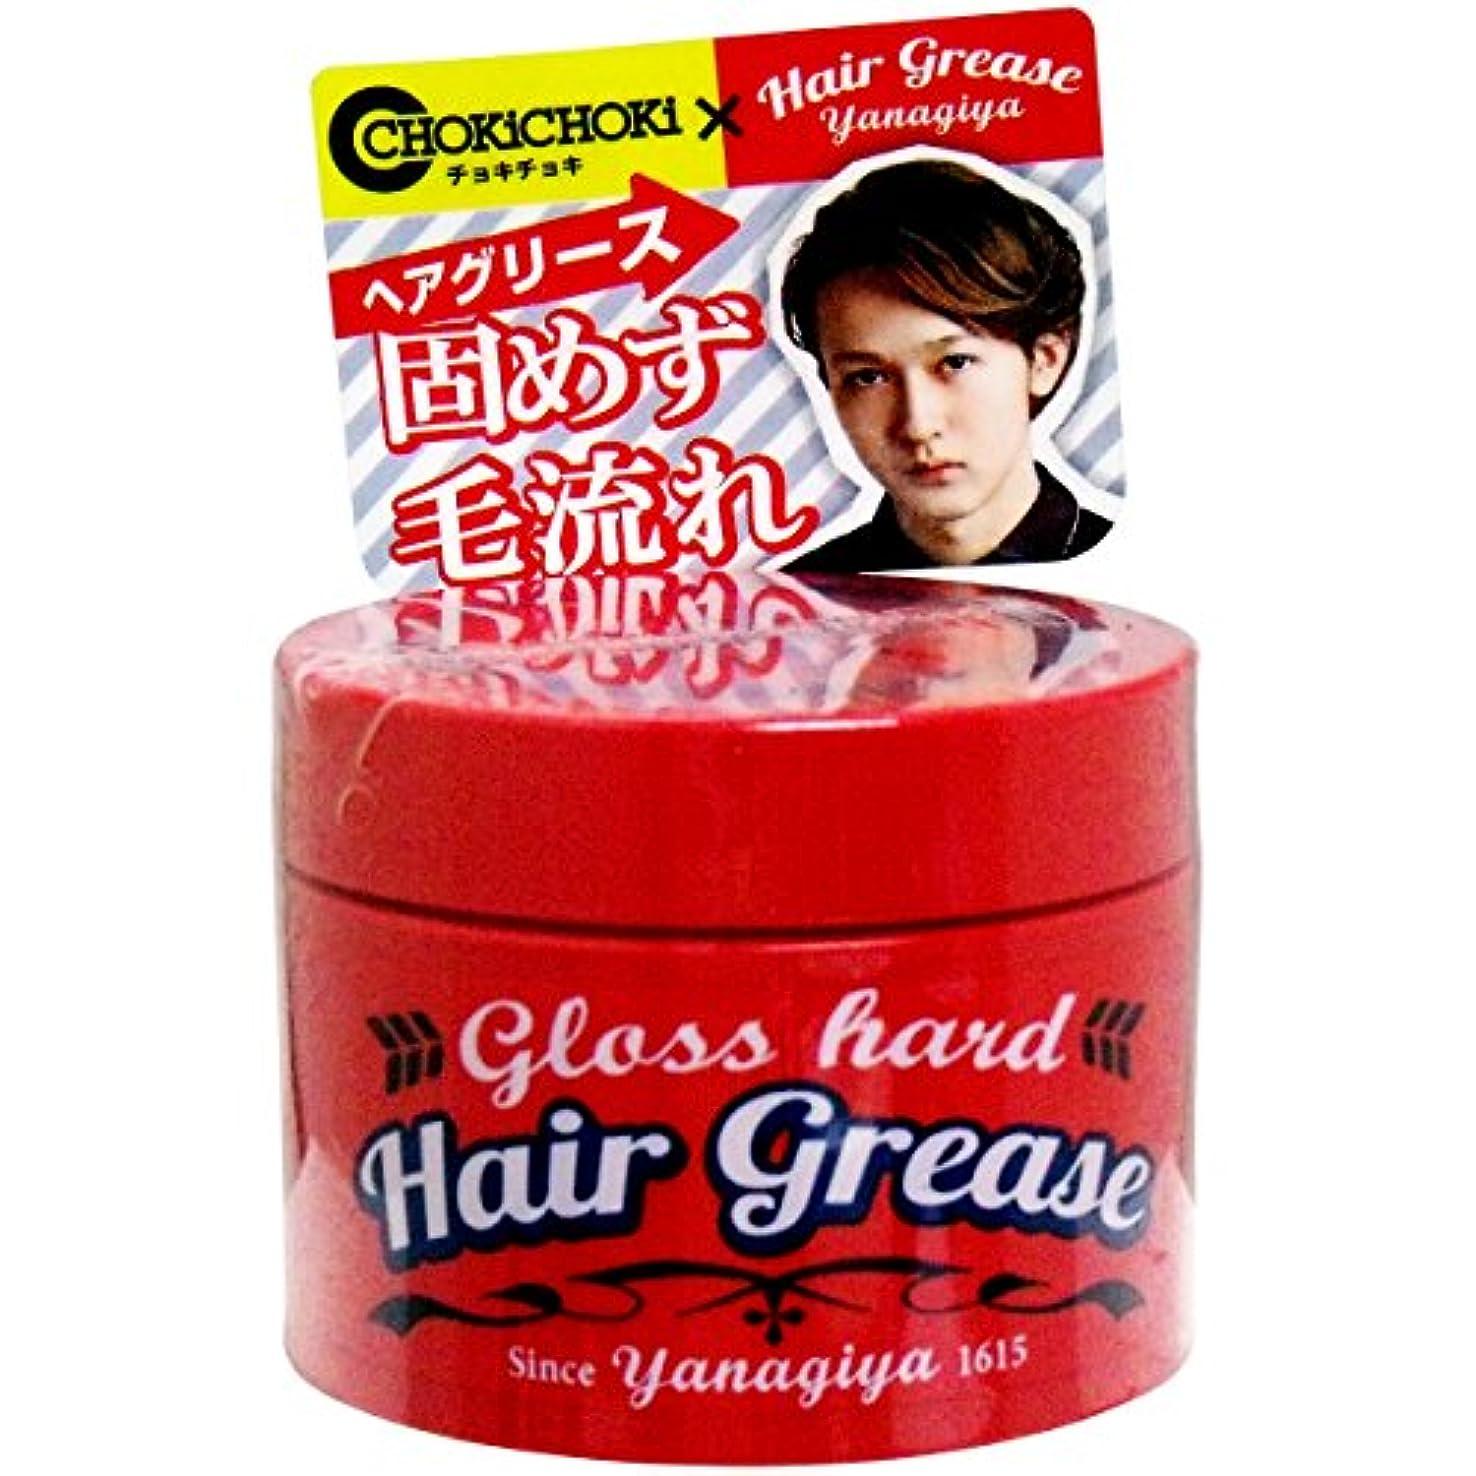 うまれた信者故障ヘアワックス 固めず毛流れ 使いやすい YANAGIYA ヘアグリース グロスハード 90g入【5個セット】